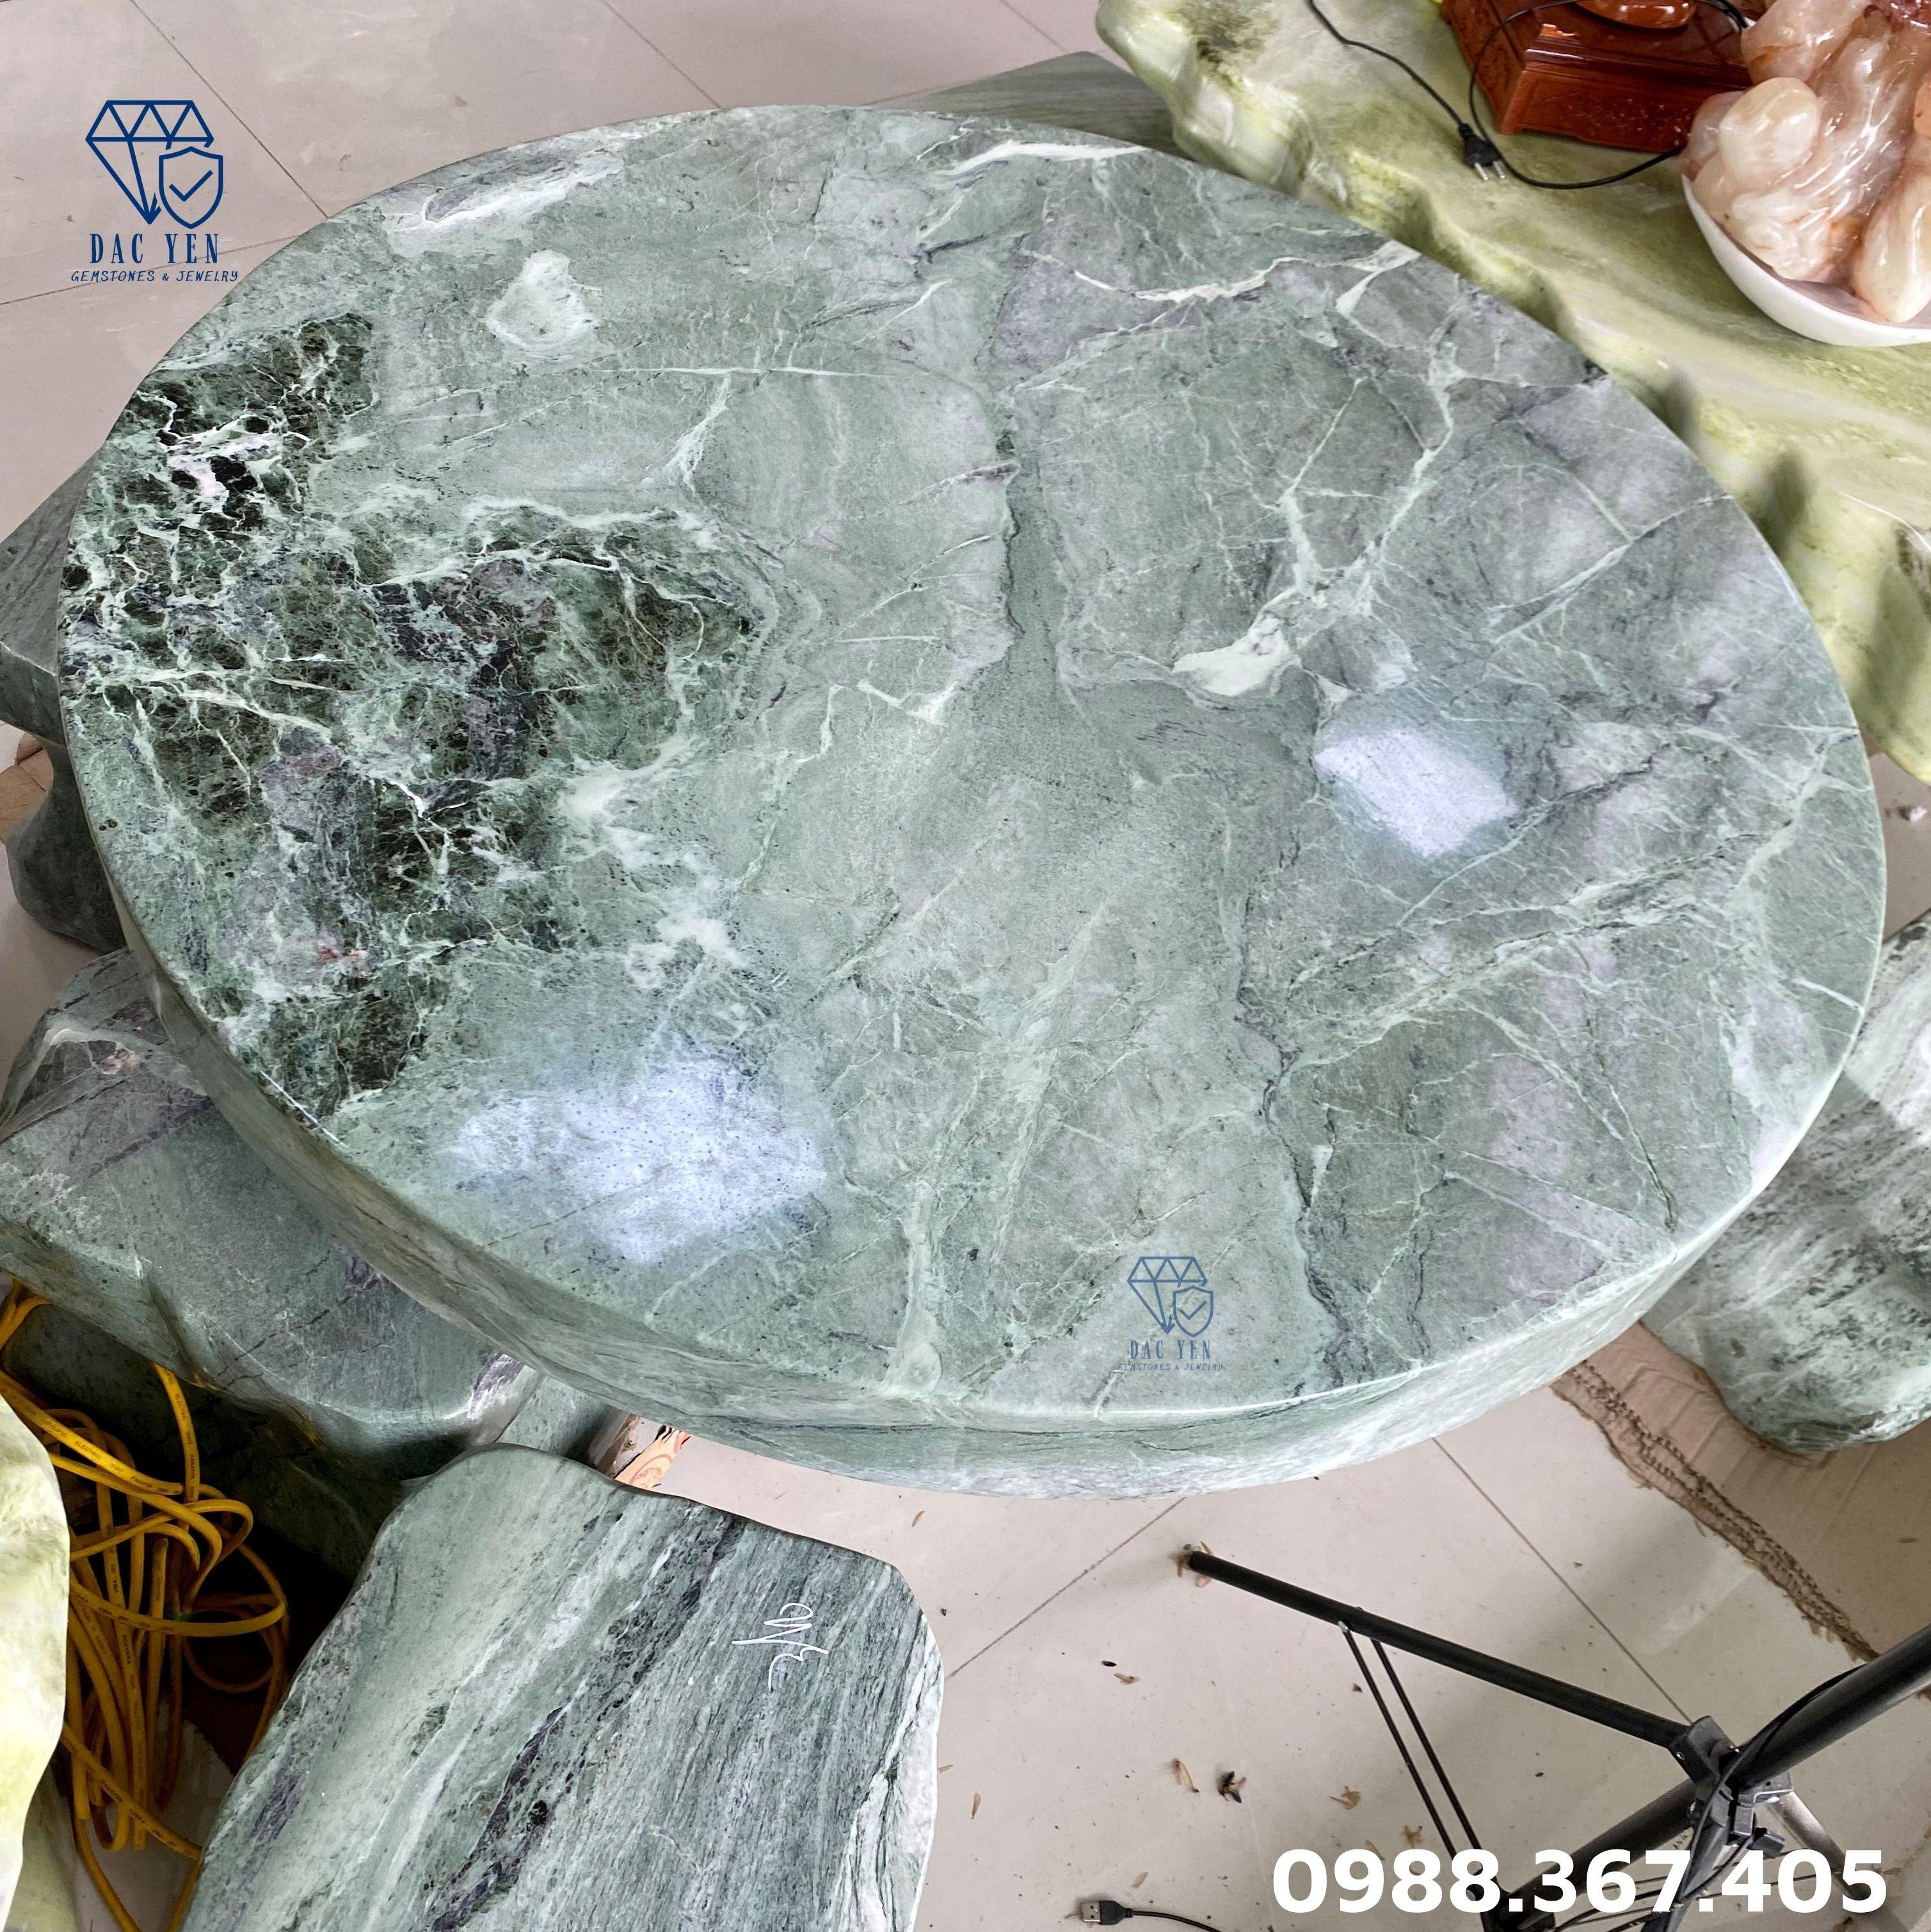 Bàn ghế đá tự nhiên, bàn ghế đá ĐẸP, bàn ghế đá nguyên khối xanh